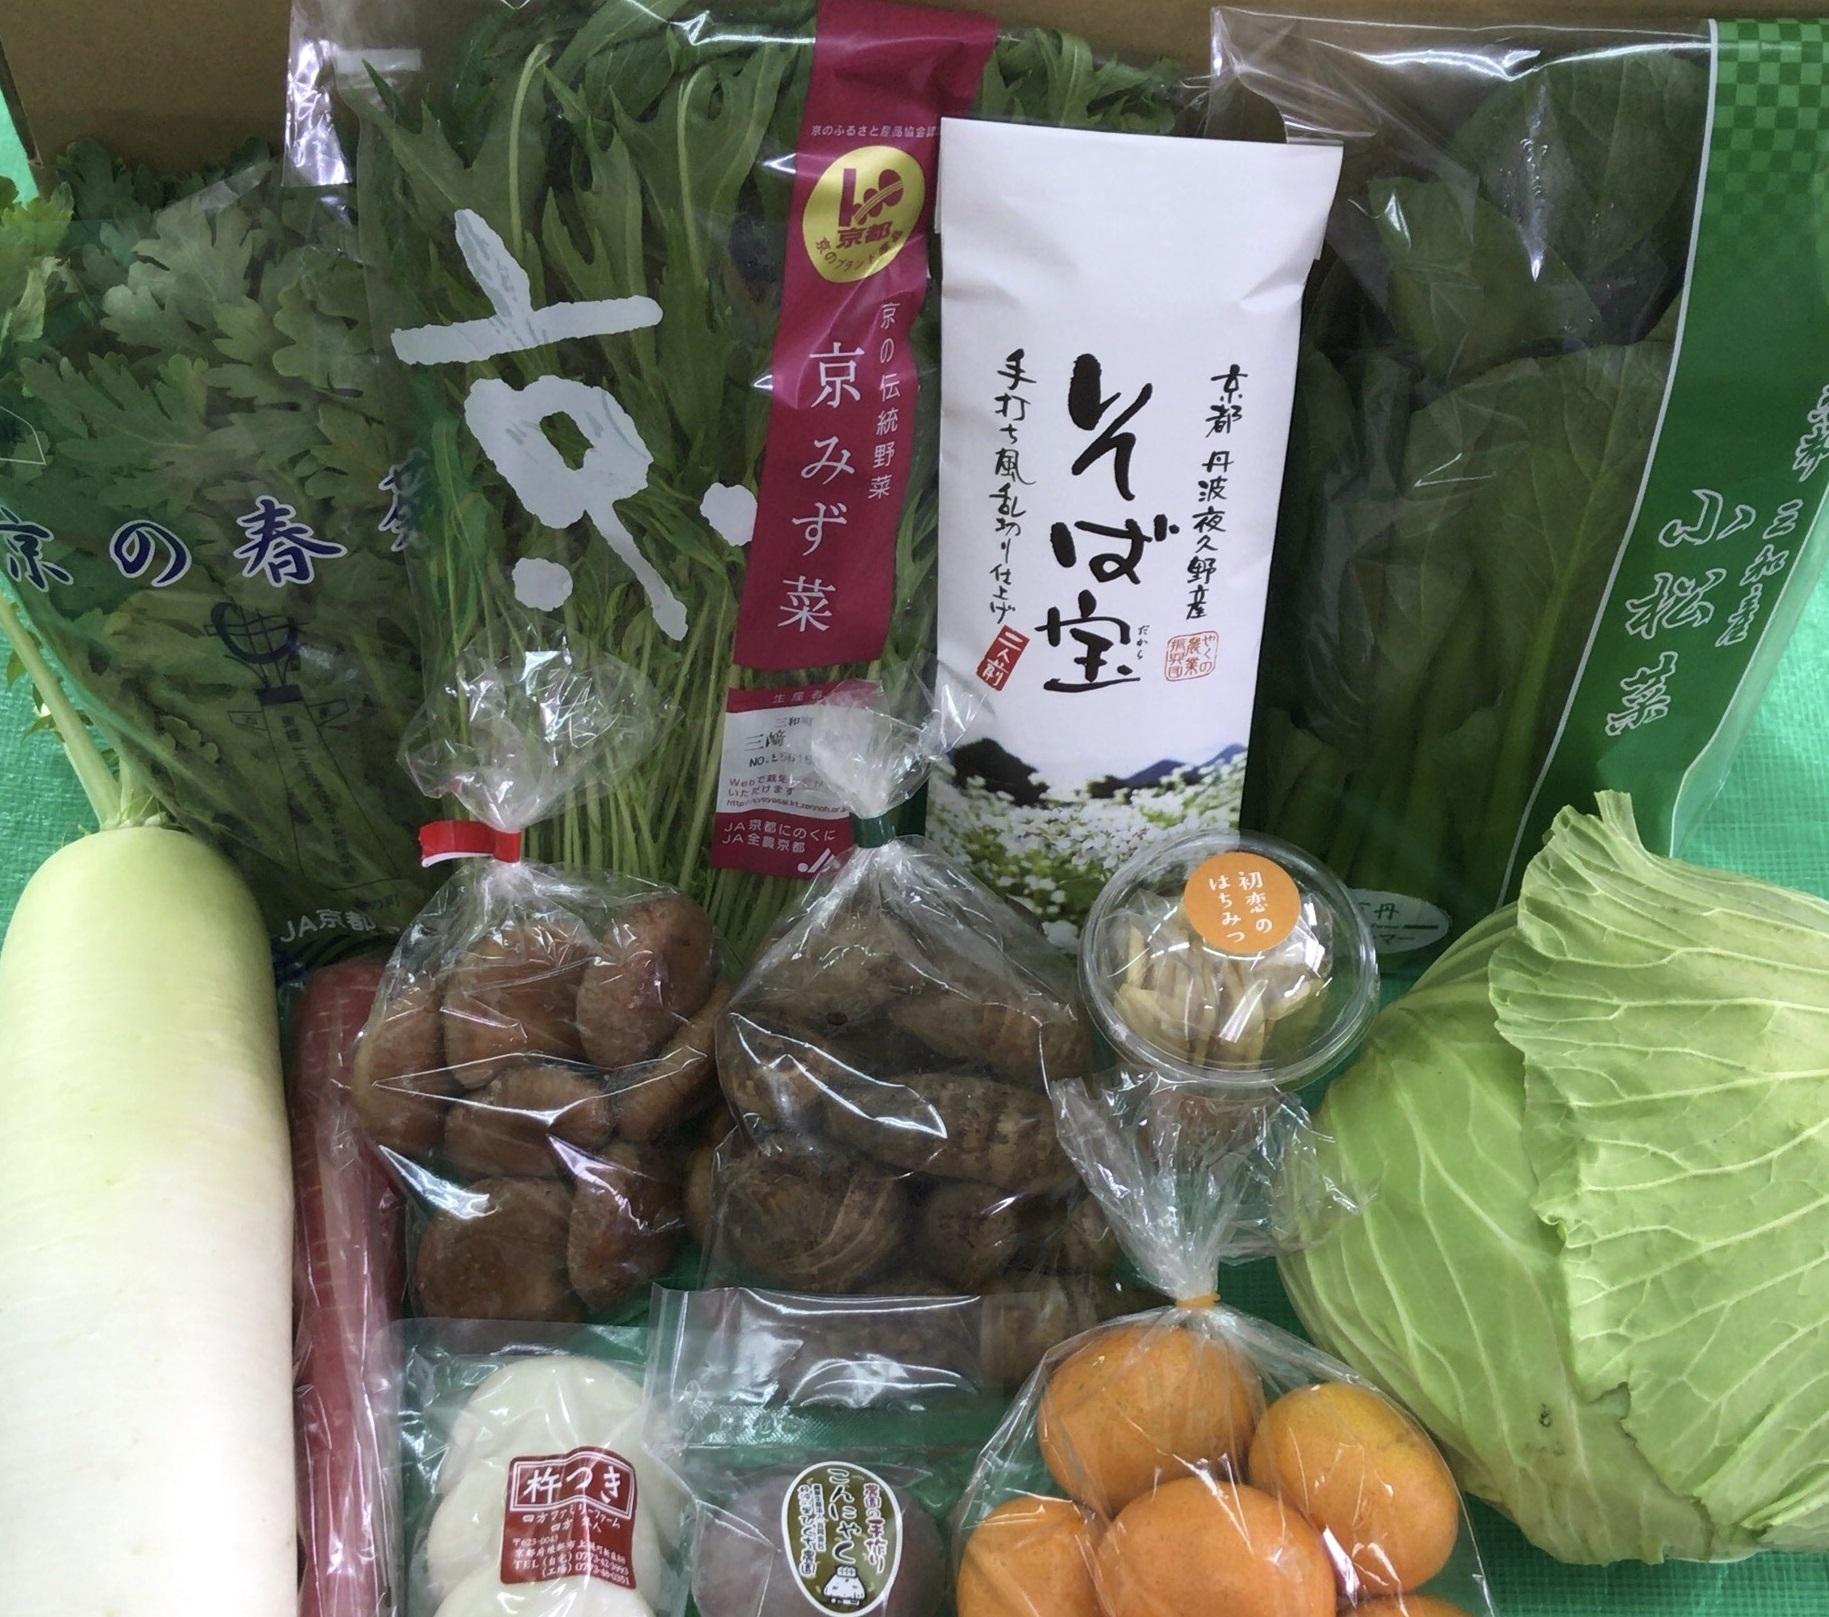 さいさいくらぶI(丹の国夏セット、丹の国秋セット、野菜・加工品詰め合わせセット)